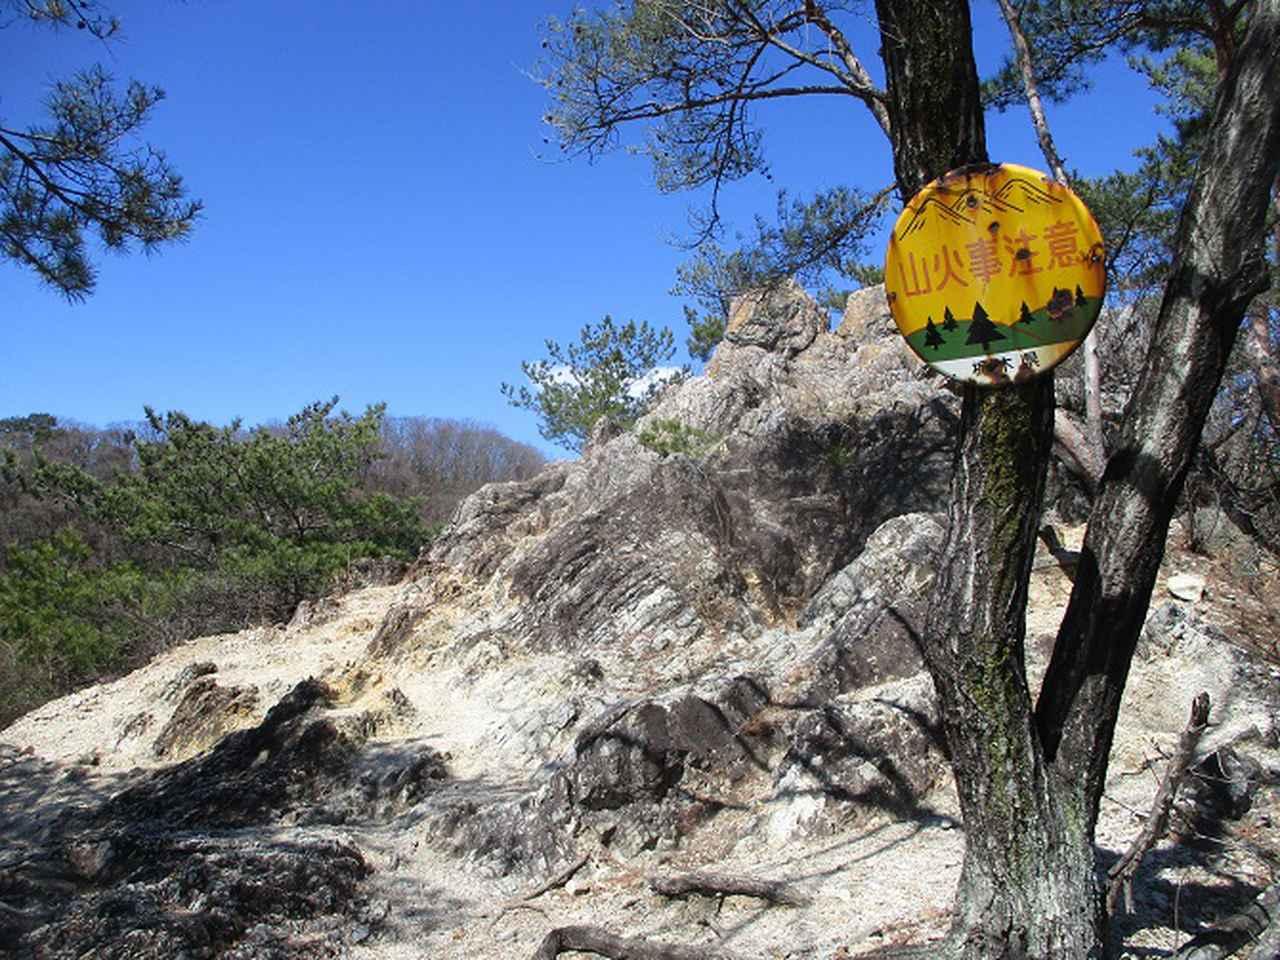 画像3: 4月の山旅会 両崖山から天狗山 ツアーの下見に行ってきました!